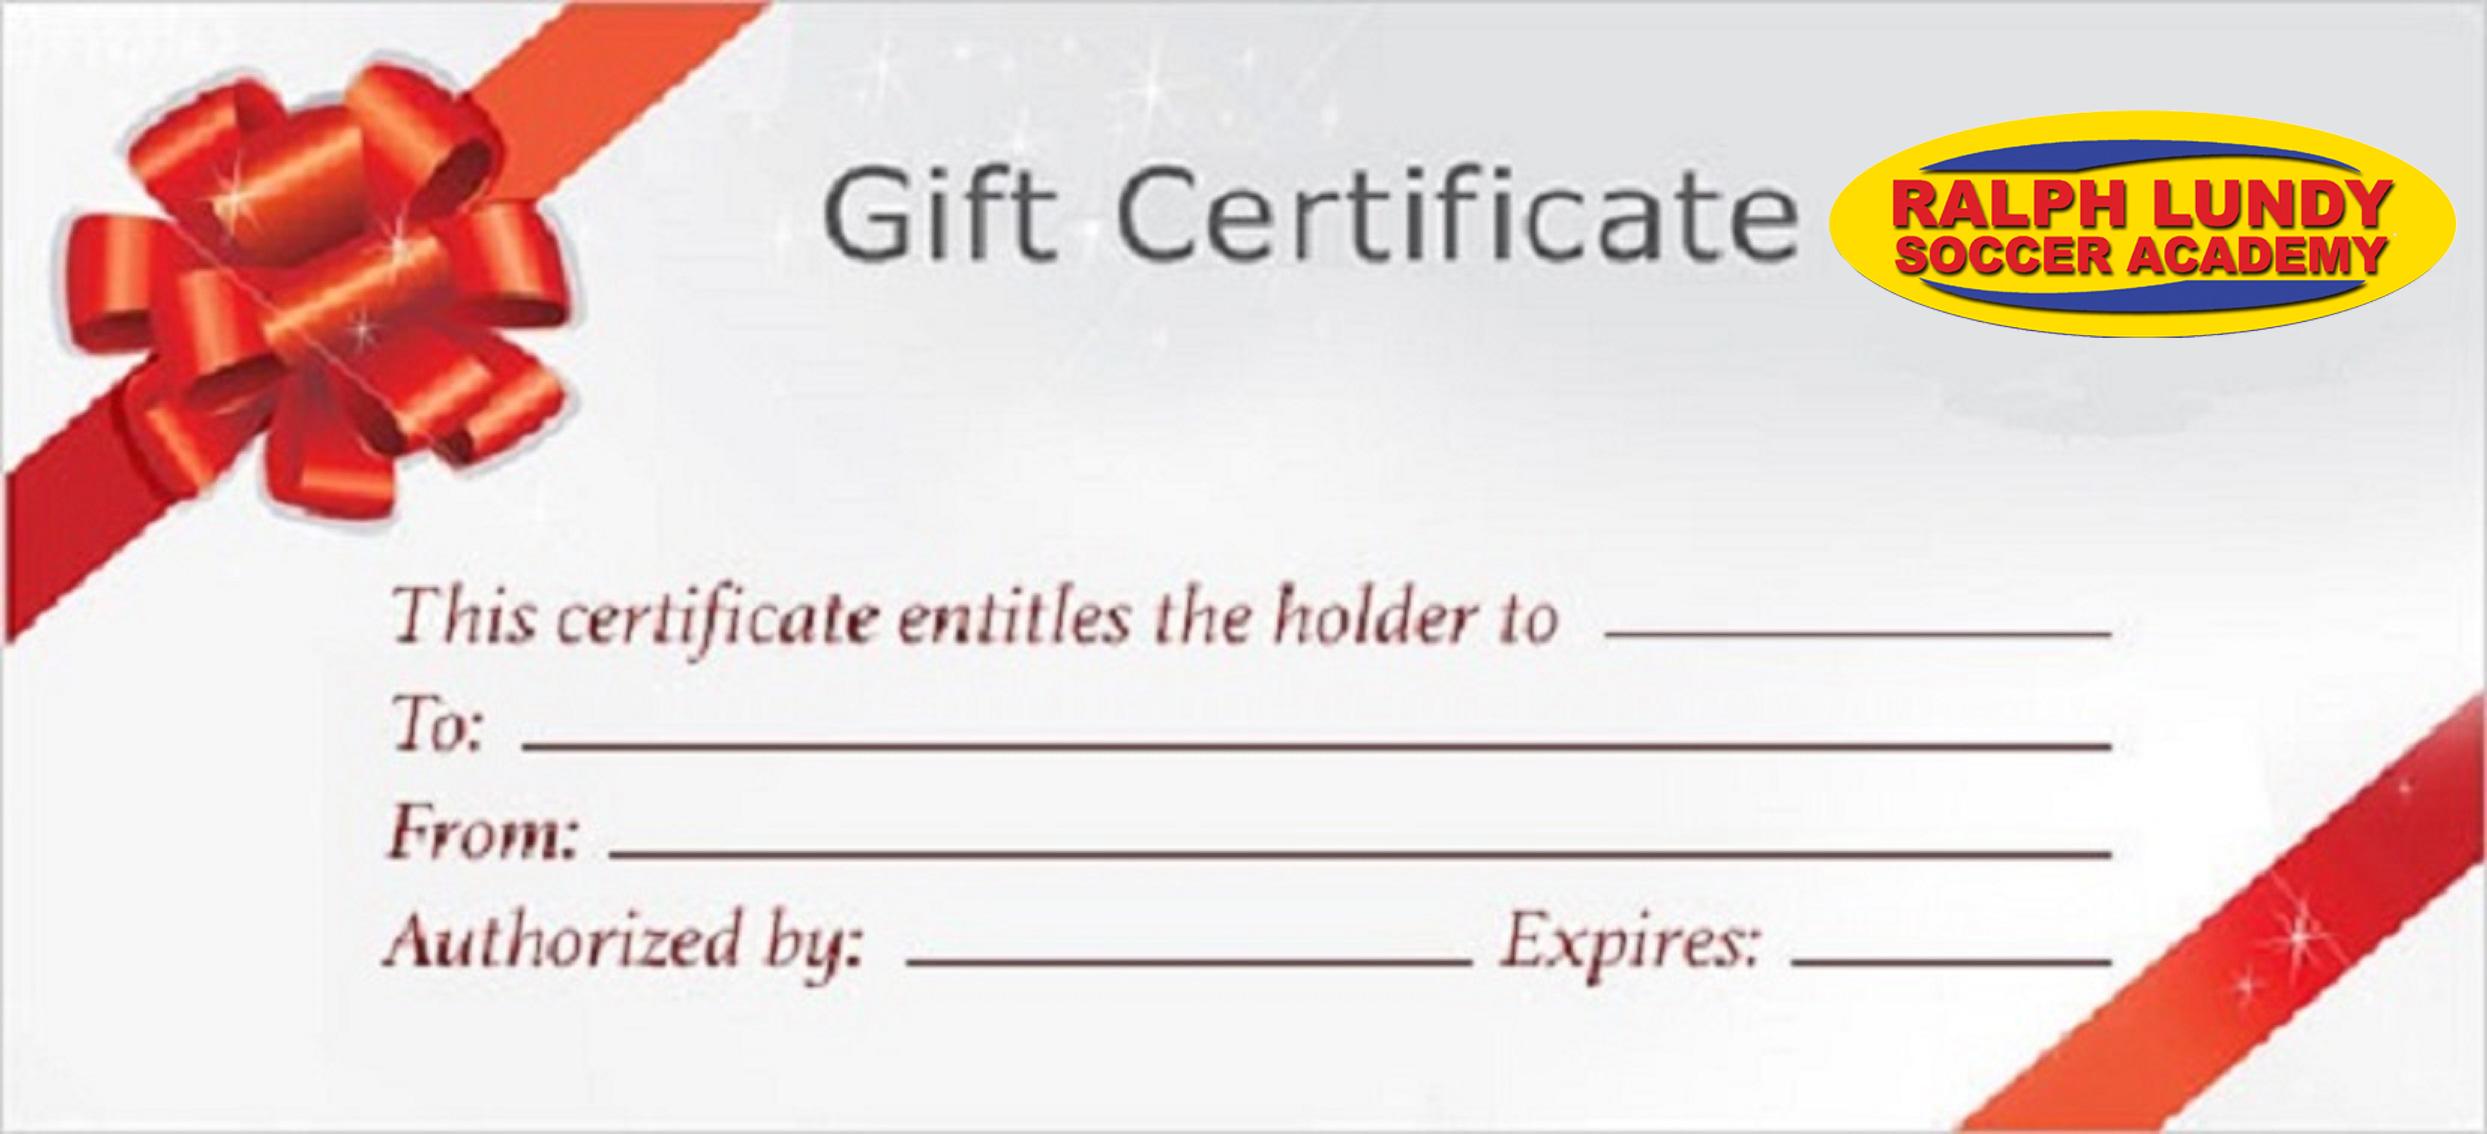 Gift certificate2.jpg